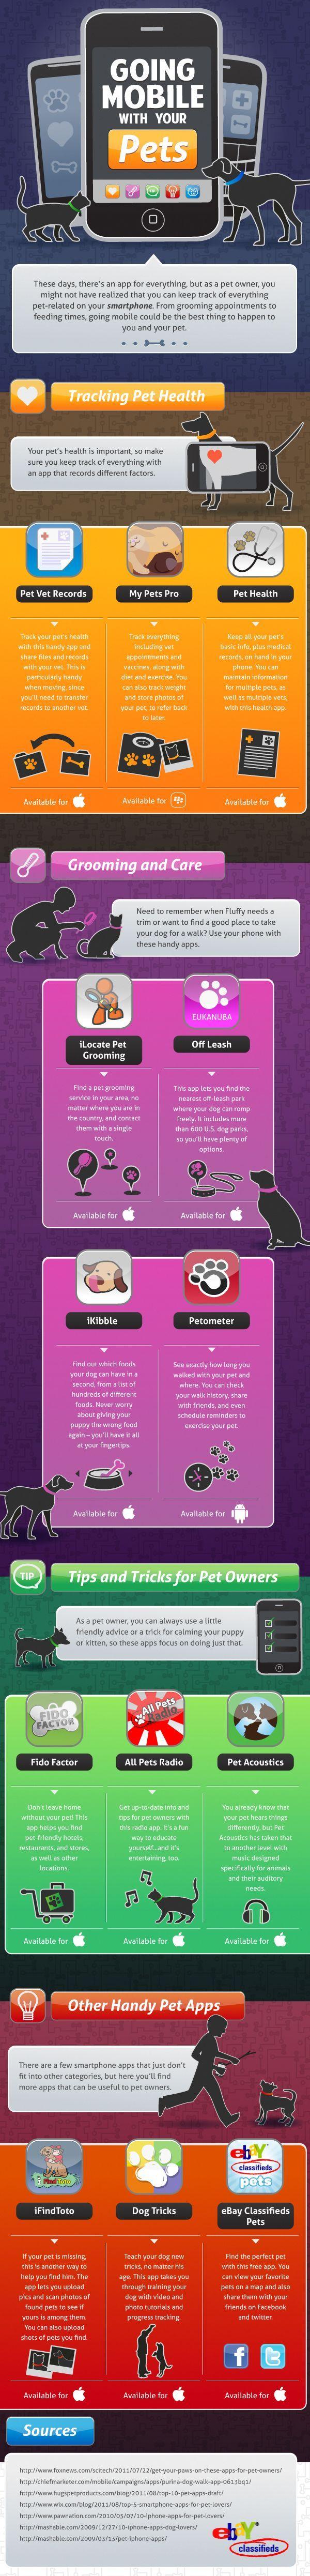 Healthy Blue Pets Bestpetinsurance Dogs Haustiere Gesundheit Von Haustieren Hunde